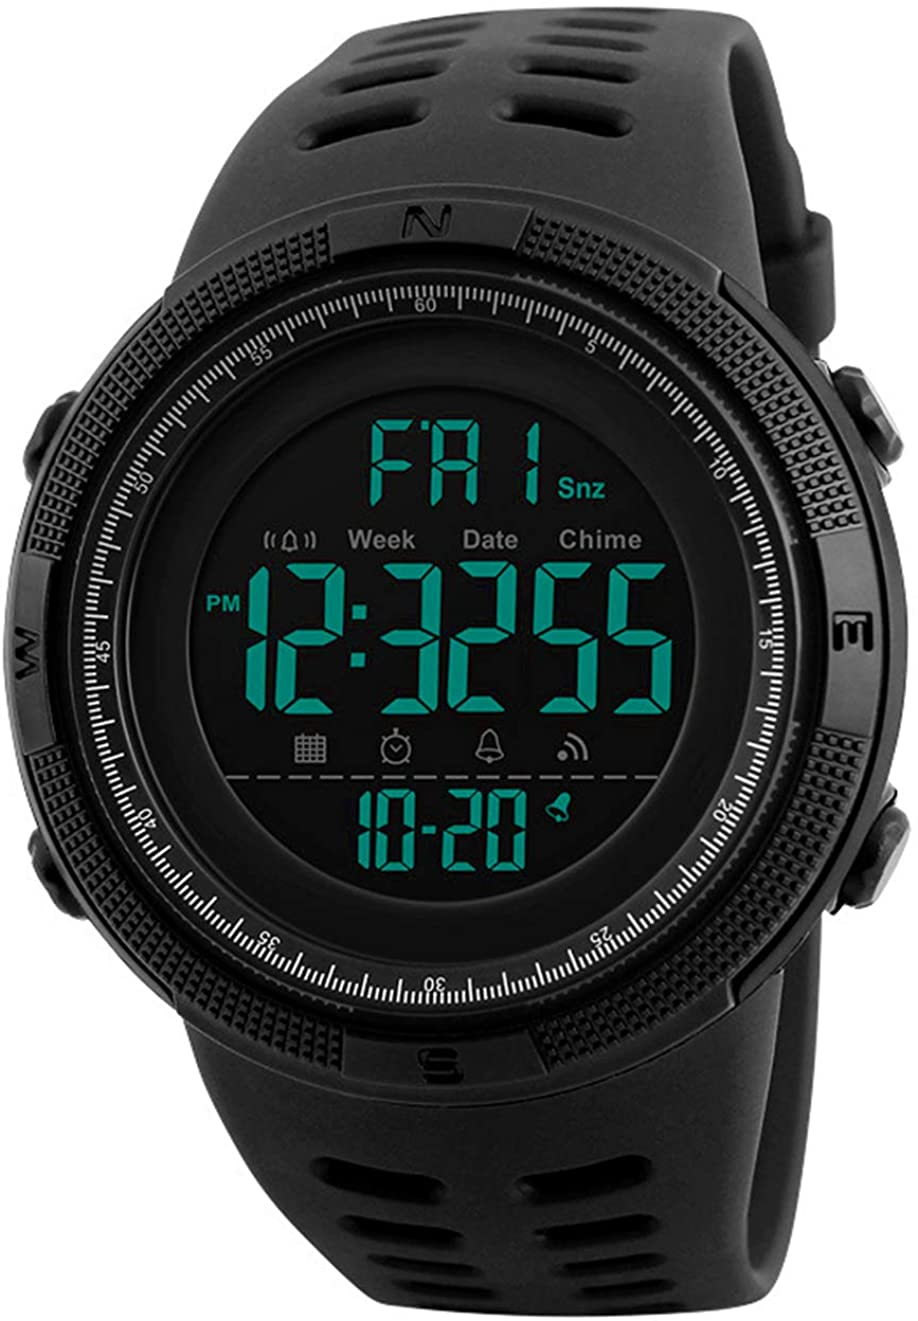 Reloj Digital para Hombre - 50M impermeable Deportivo Relojes de pulsera Prueba para Hombre, Reloj Militar Negro LED con Alarma/cuenta regresiva/Cronómetro / 12/24H para Hombre